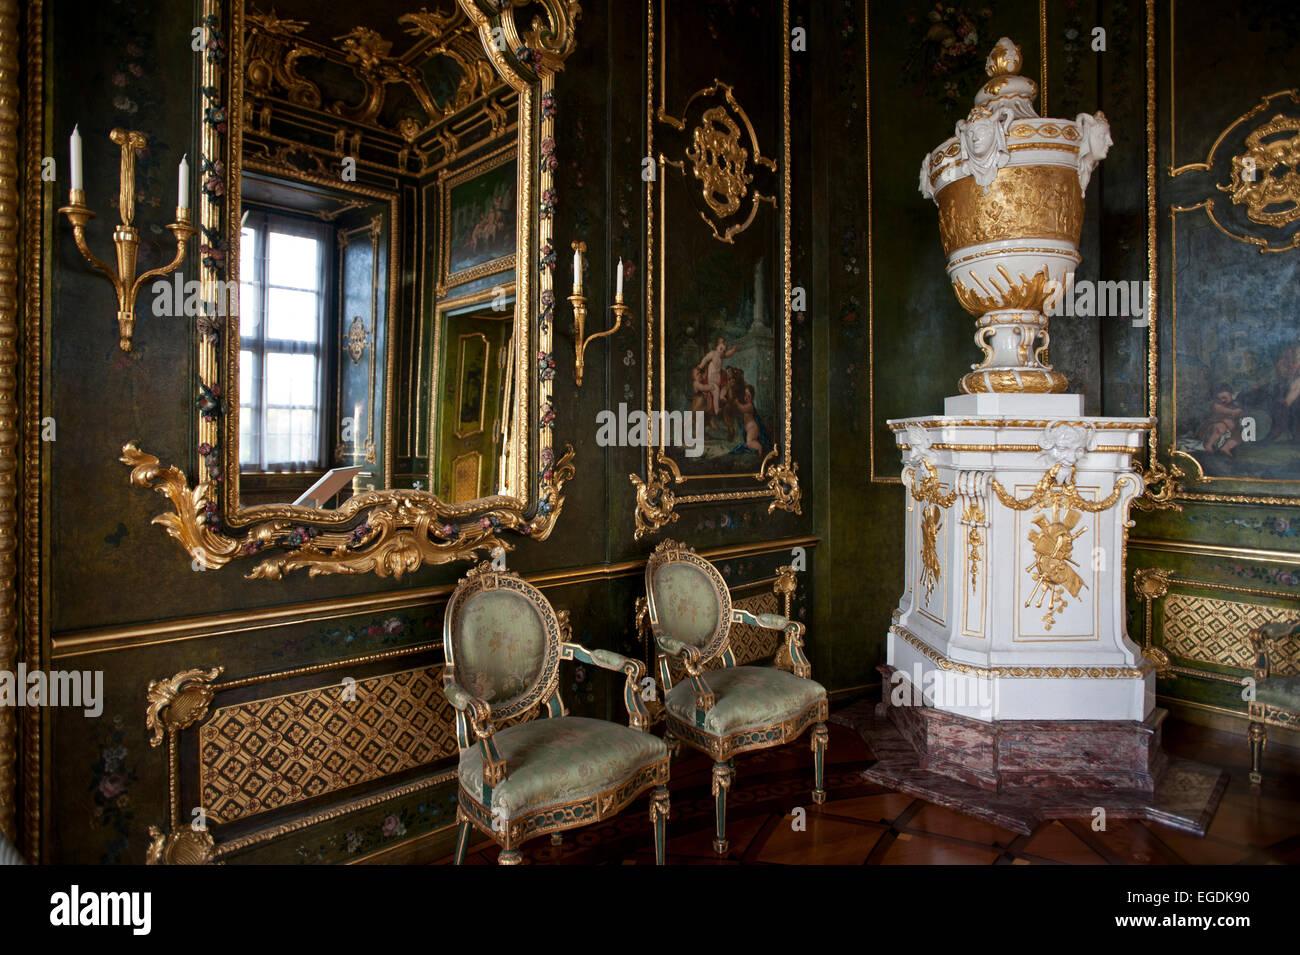 eines der vielen Zimmer in der Würzburger Residenz, Würzburg, Franken, Bayern, Deutschland Stockbild